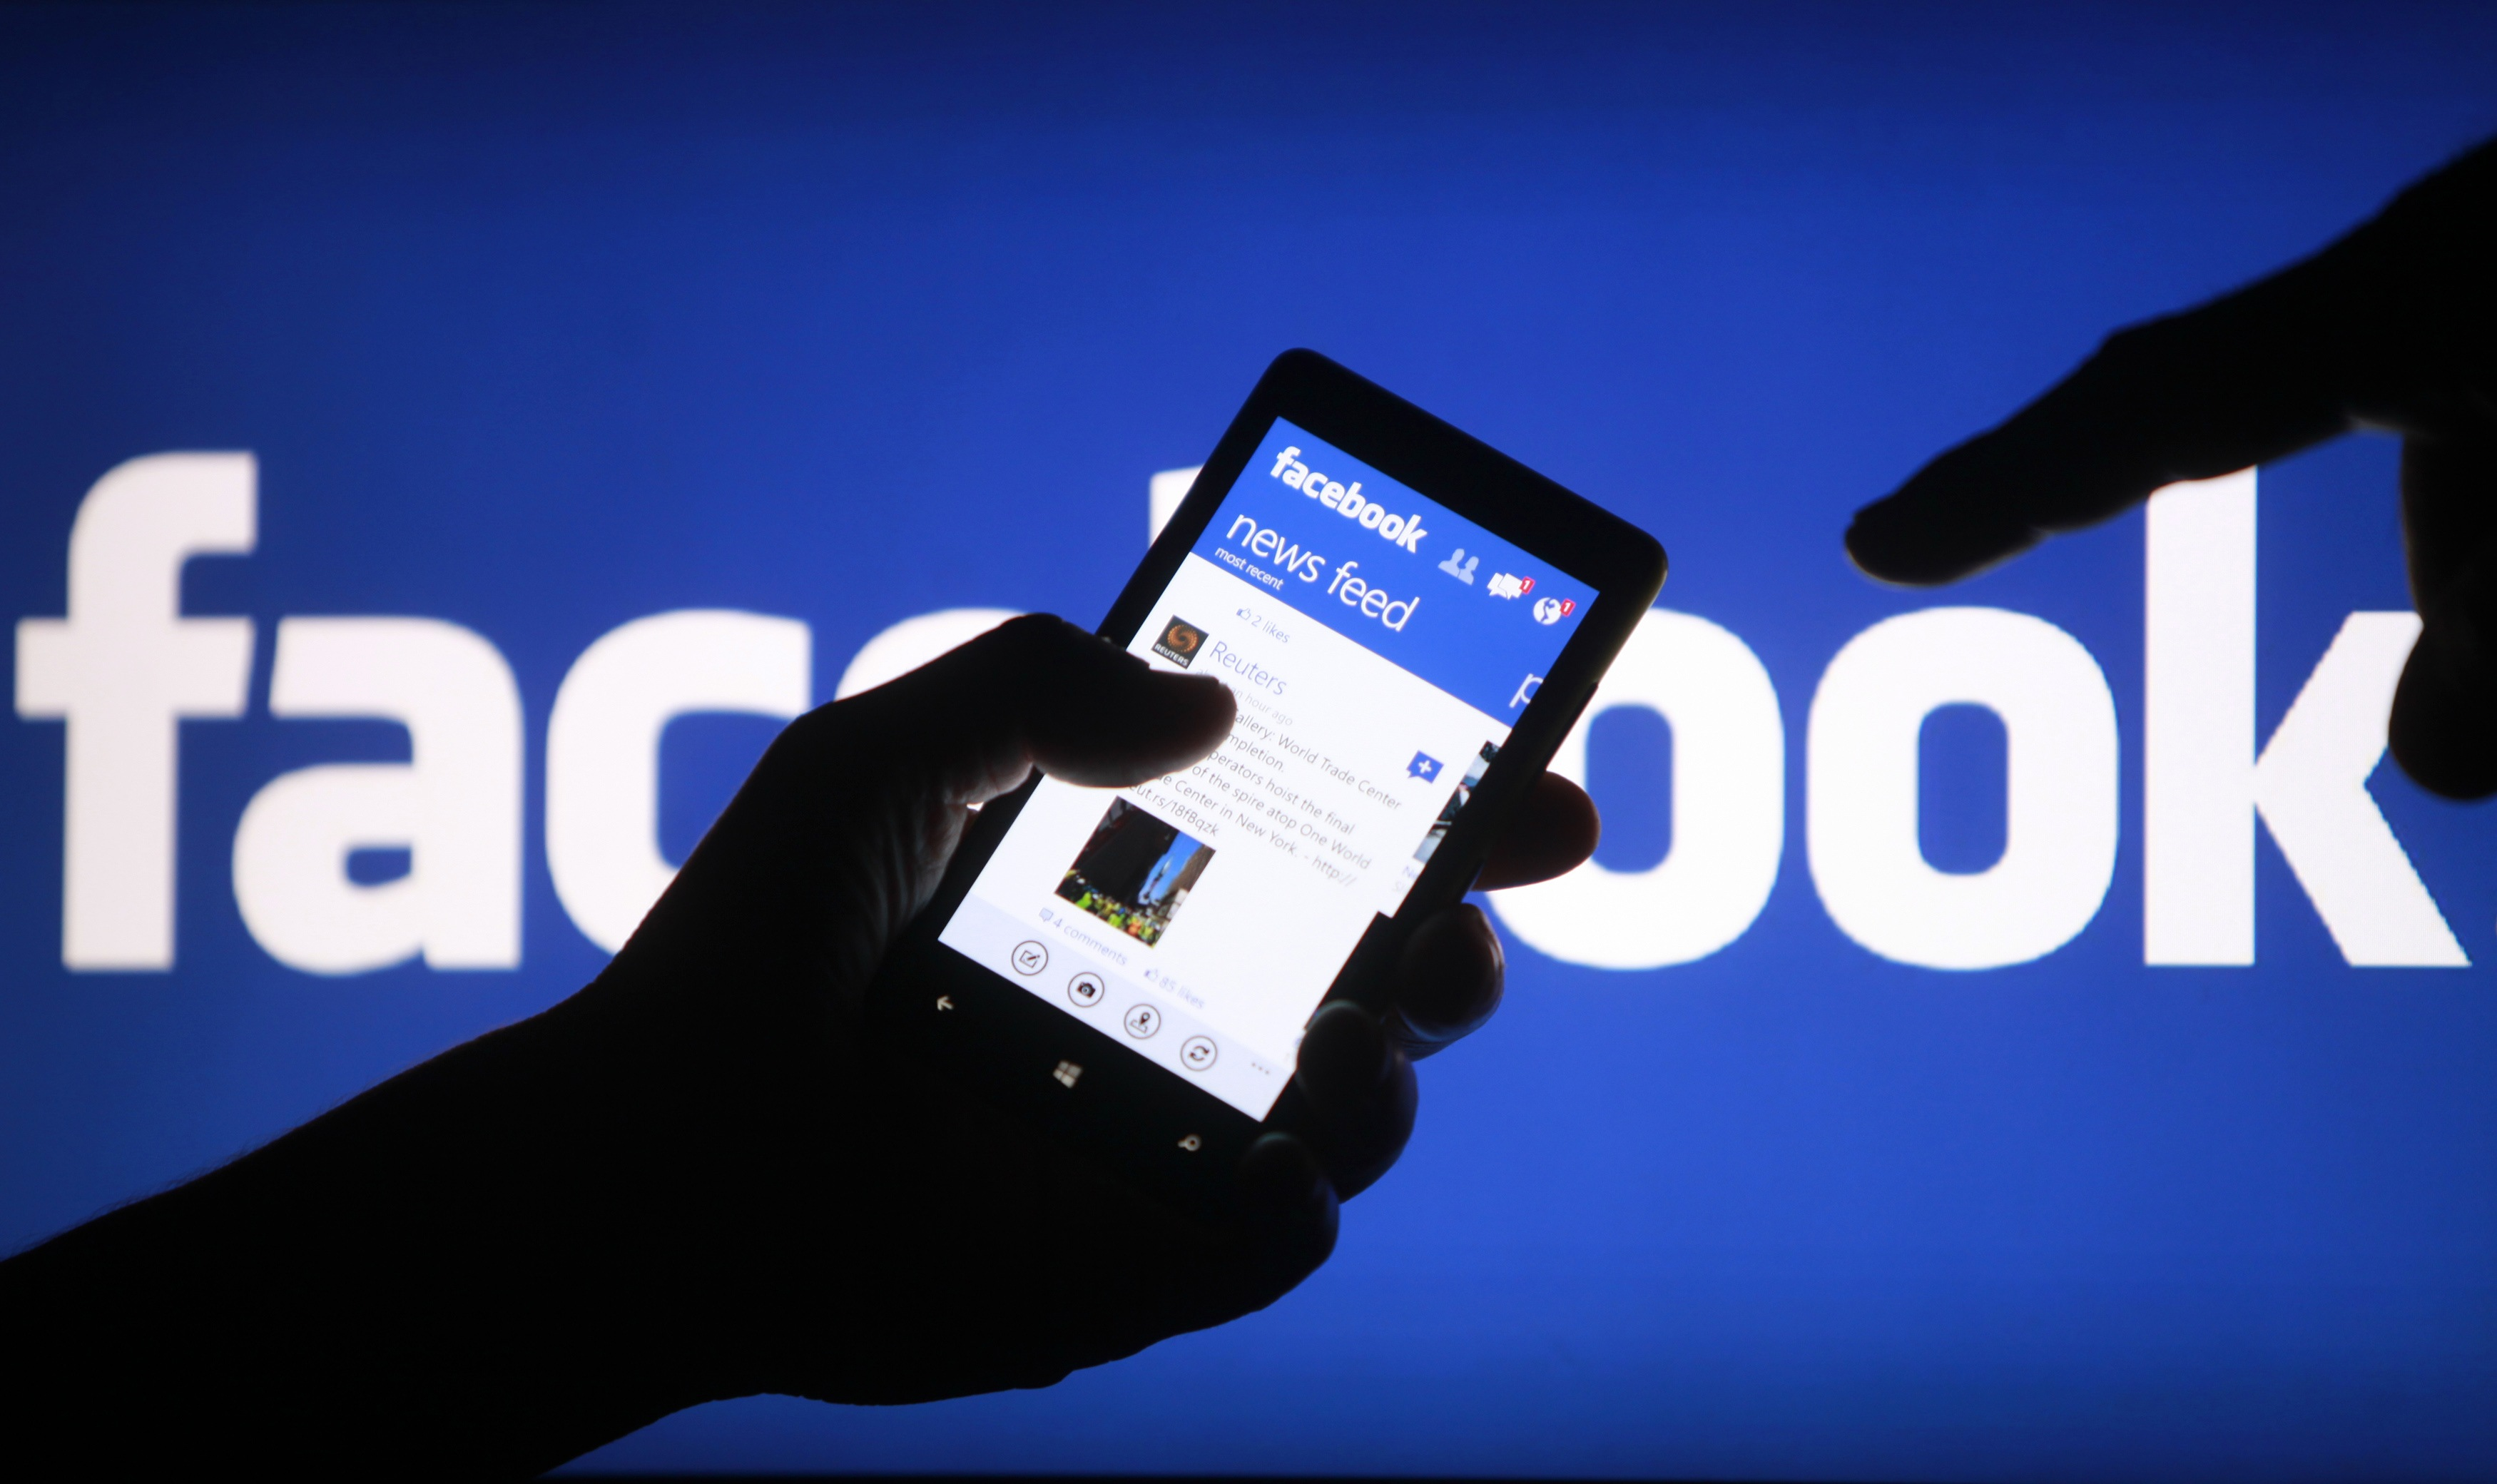 Algunos medios comienzan a publicar artículos directamente en Facebook